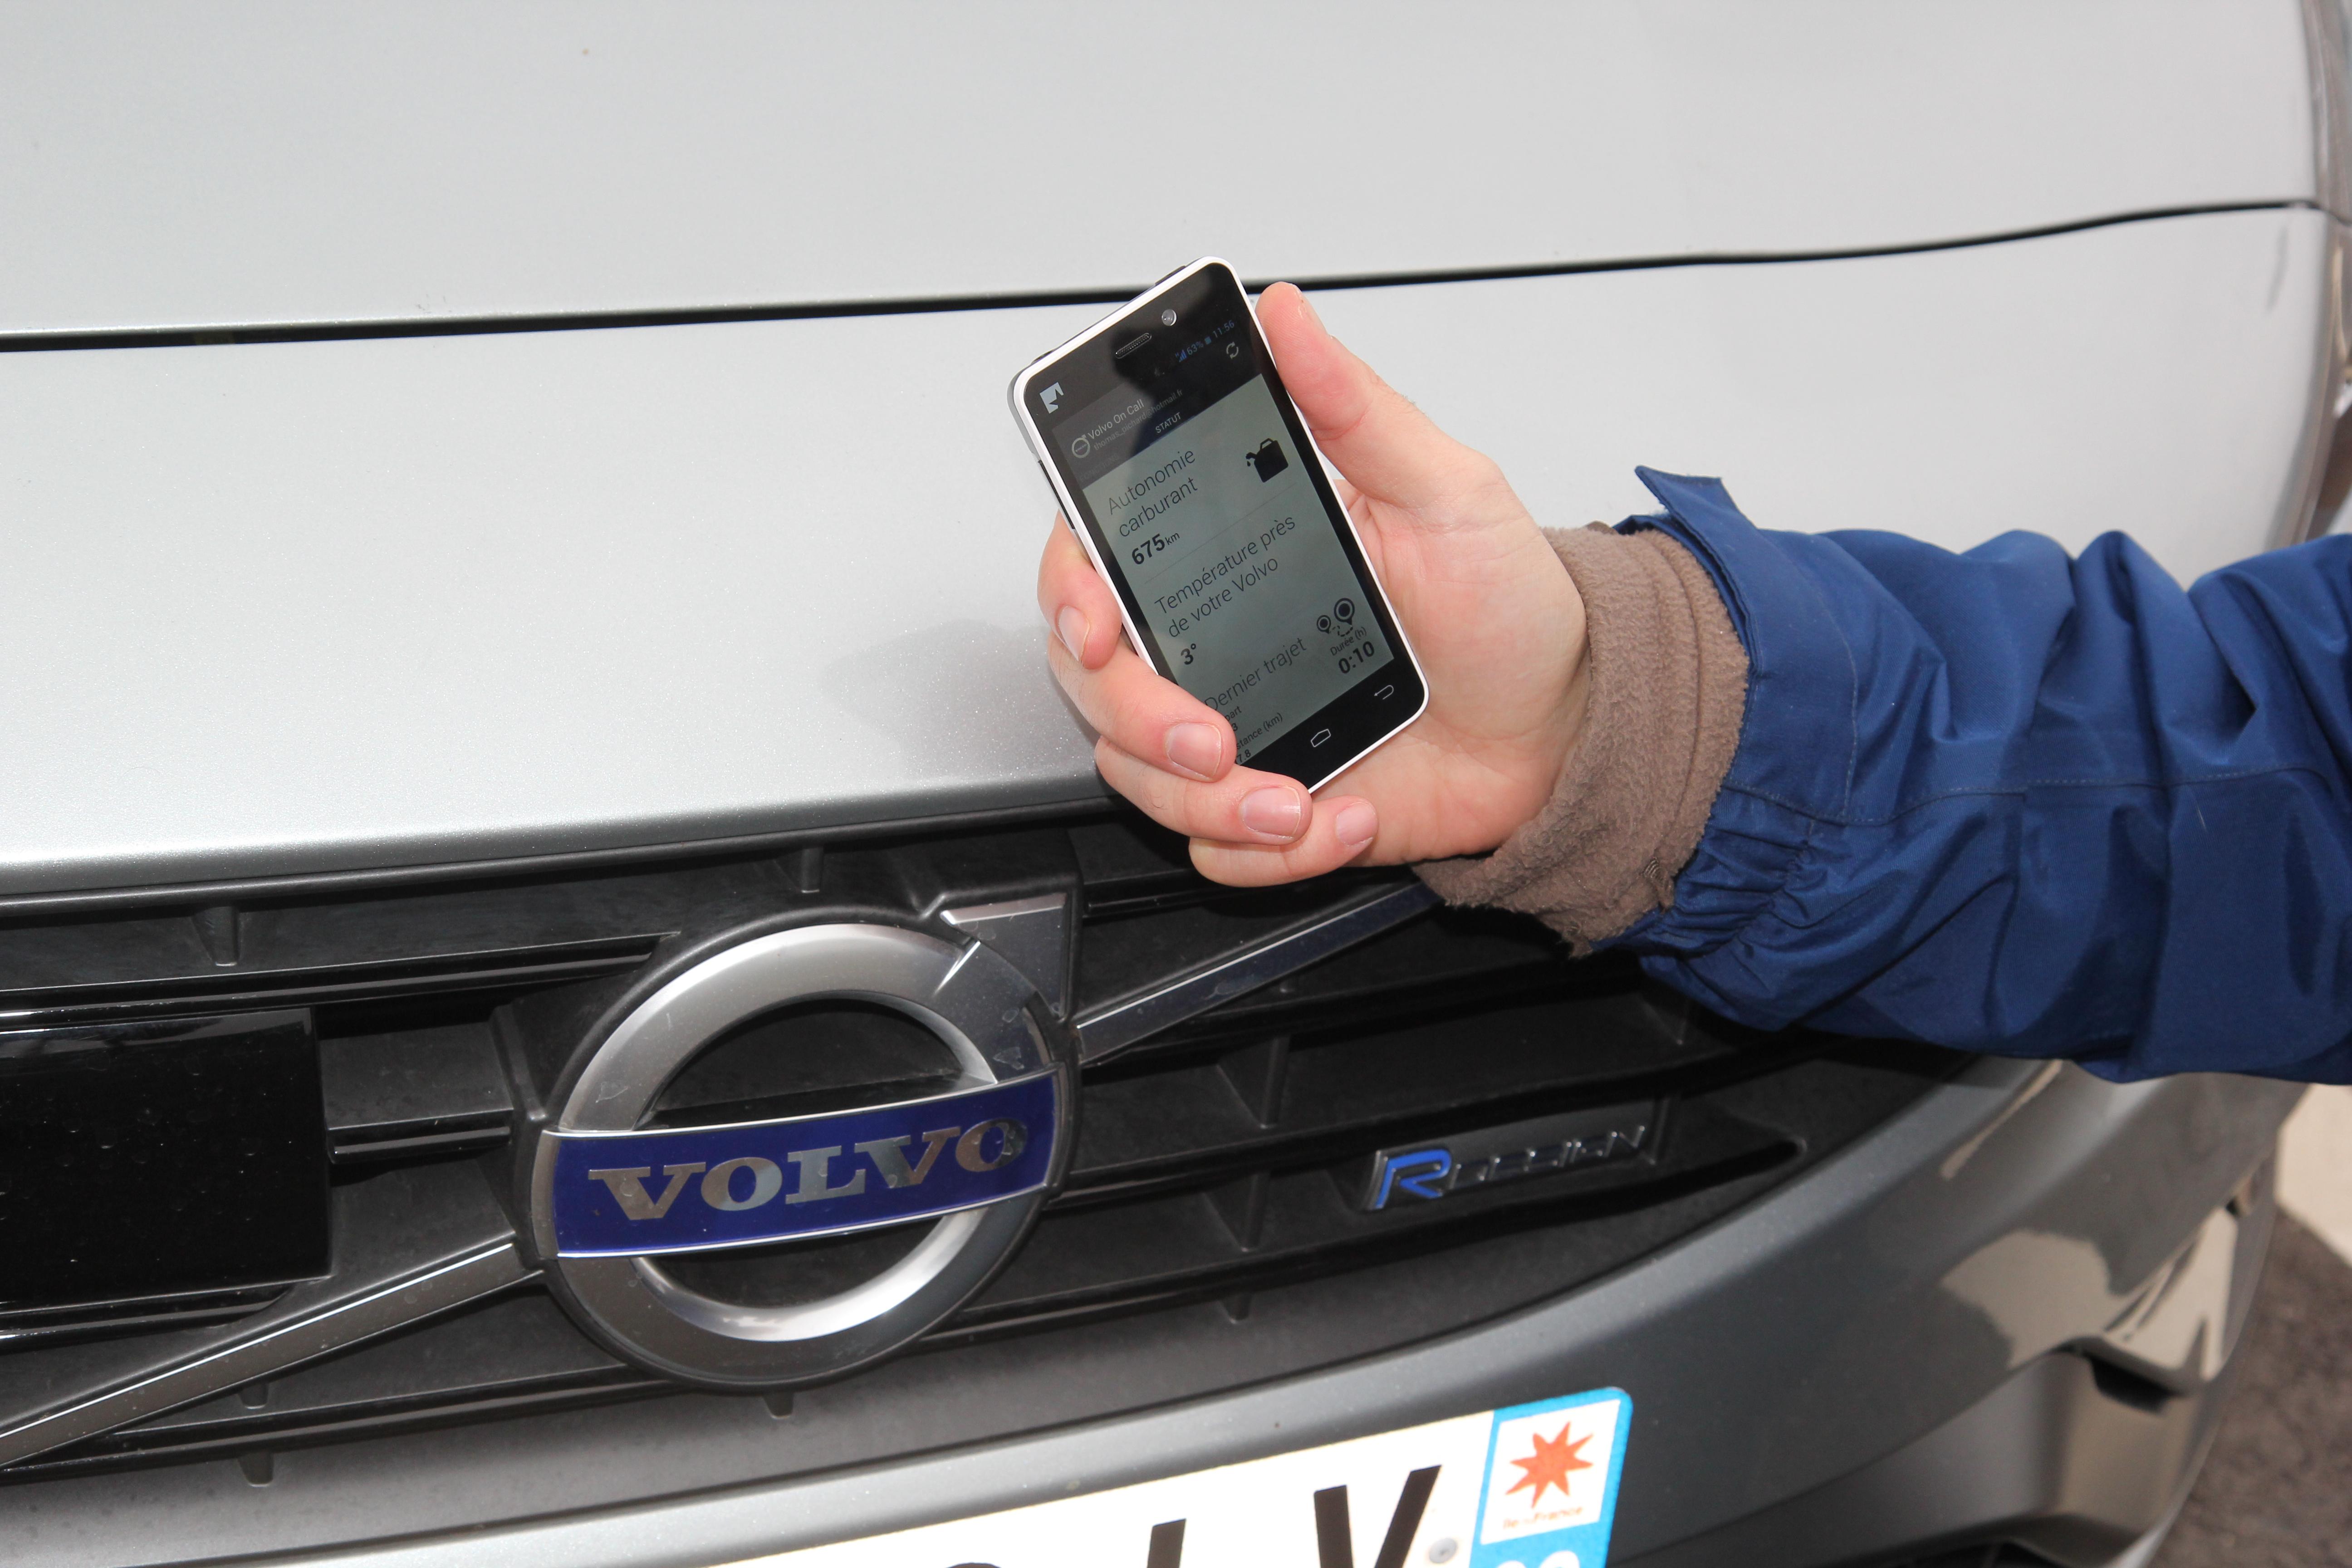 Connectée Système Vidéo La Voiture CallLes On Débuts De Volvo Nn0wm8